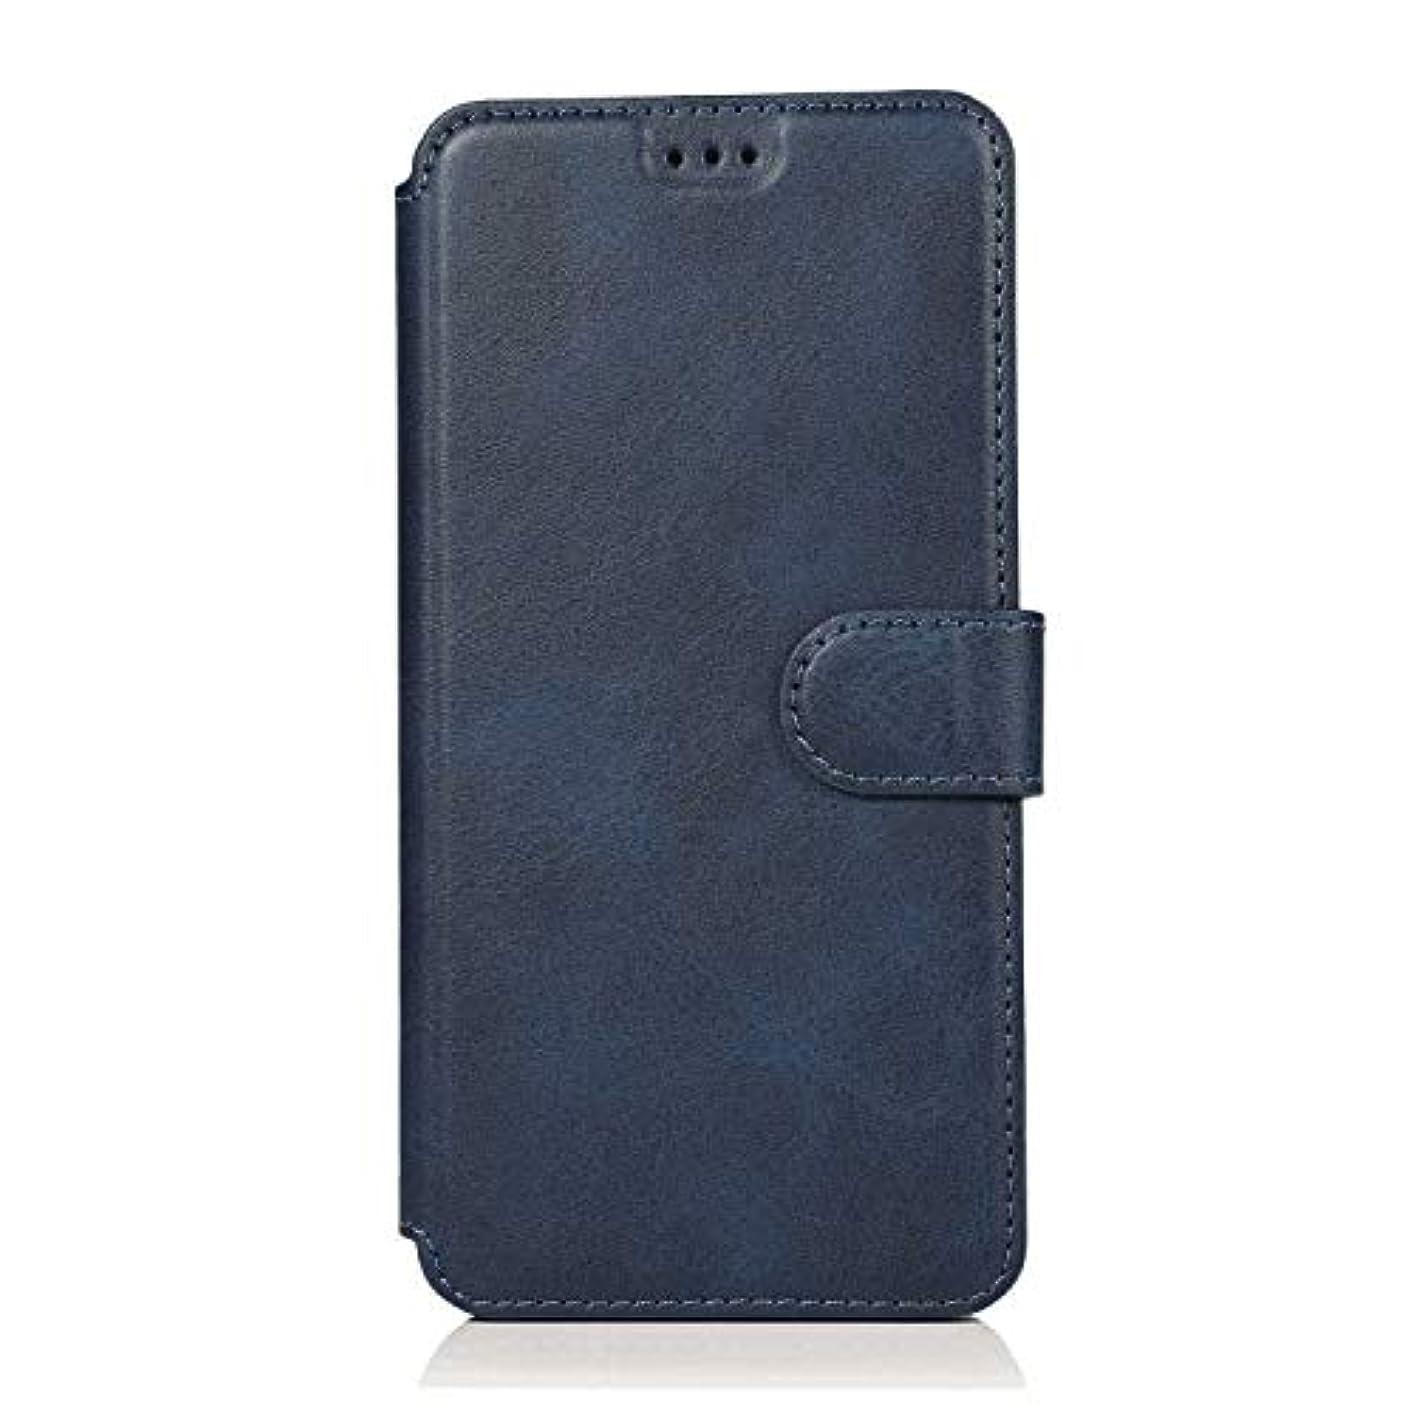 アーサーコナンドイル静めるドローPUレザー ケース 手帳型 対応 サムスン ギャラクシー Samsung Galaxy A50 本革 財布 耐摩擦 携帯カバー カバー収納 手帳型ケース